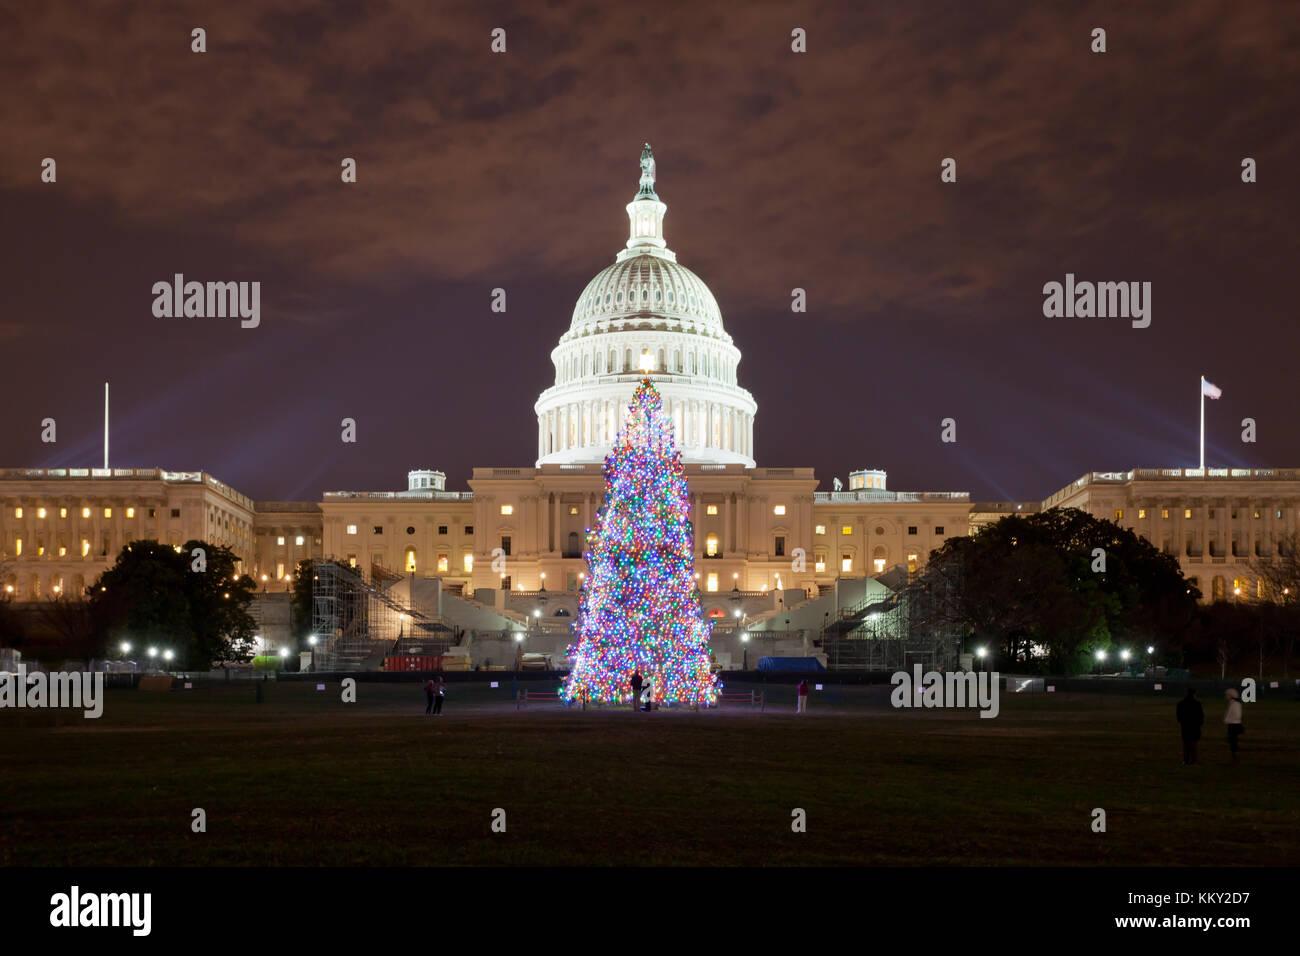 Immagini Natale Usa.Albero Di Natale A Washington Dc Stati Uniti Usa Foto Immagine